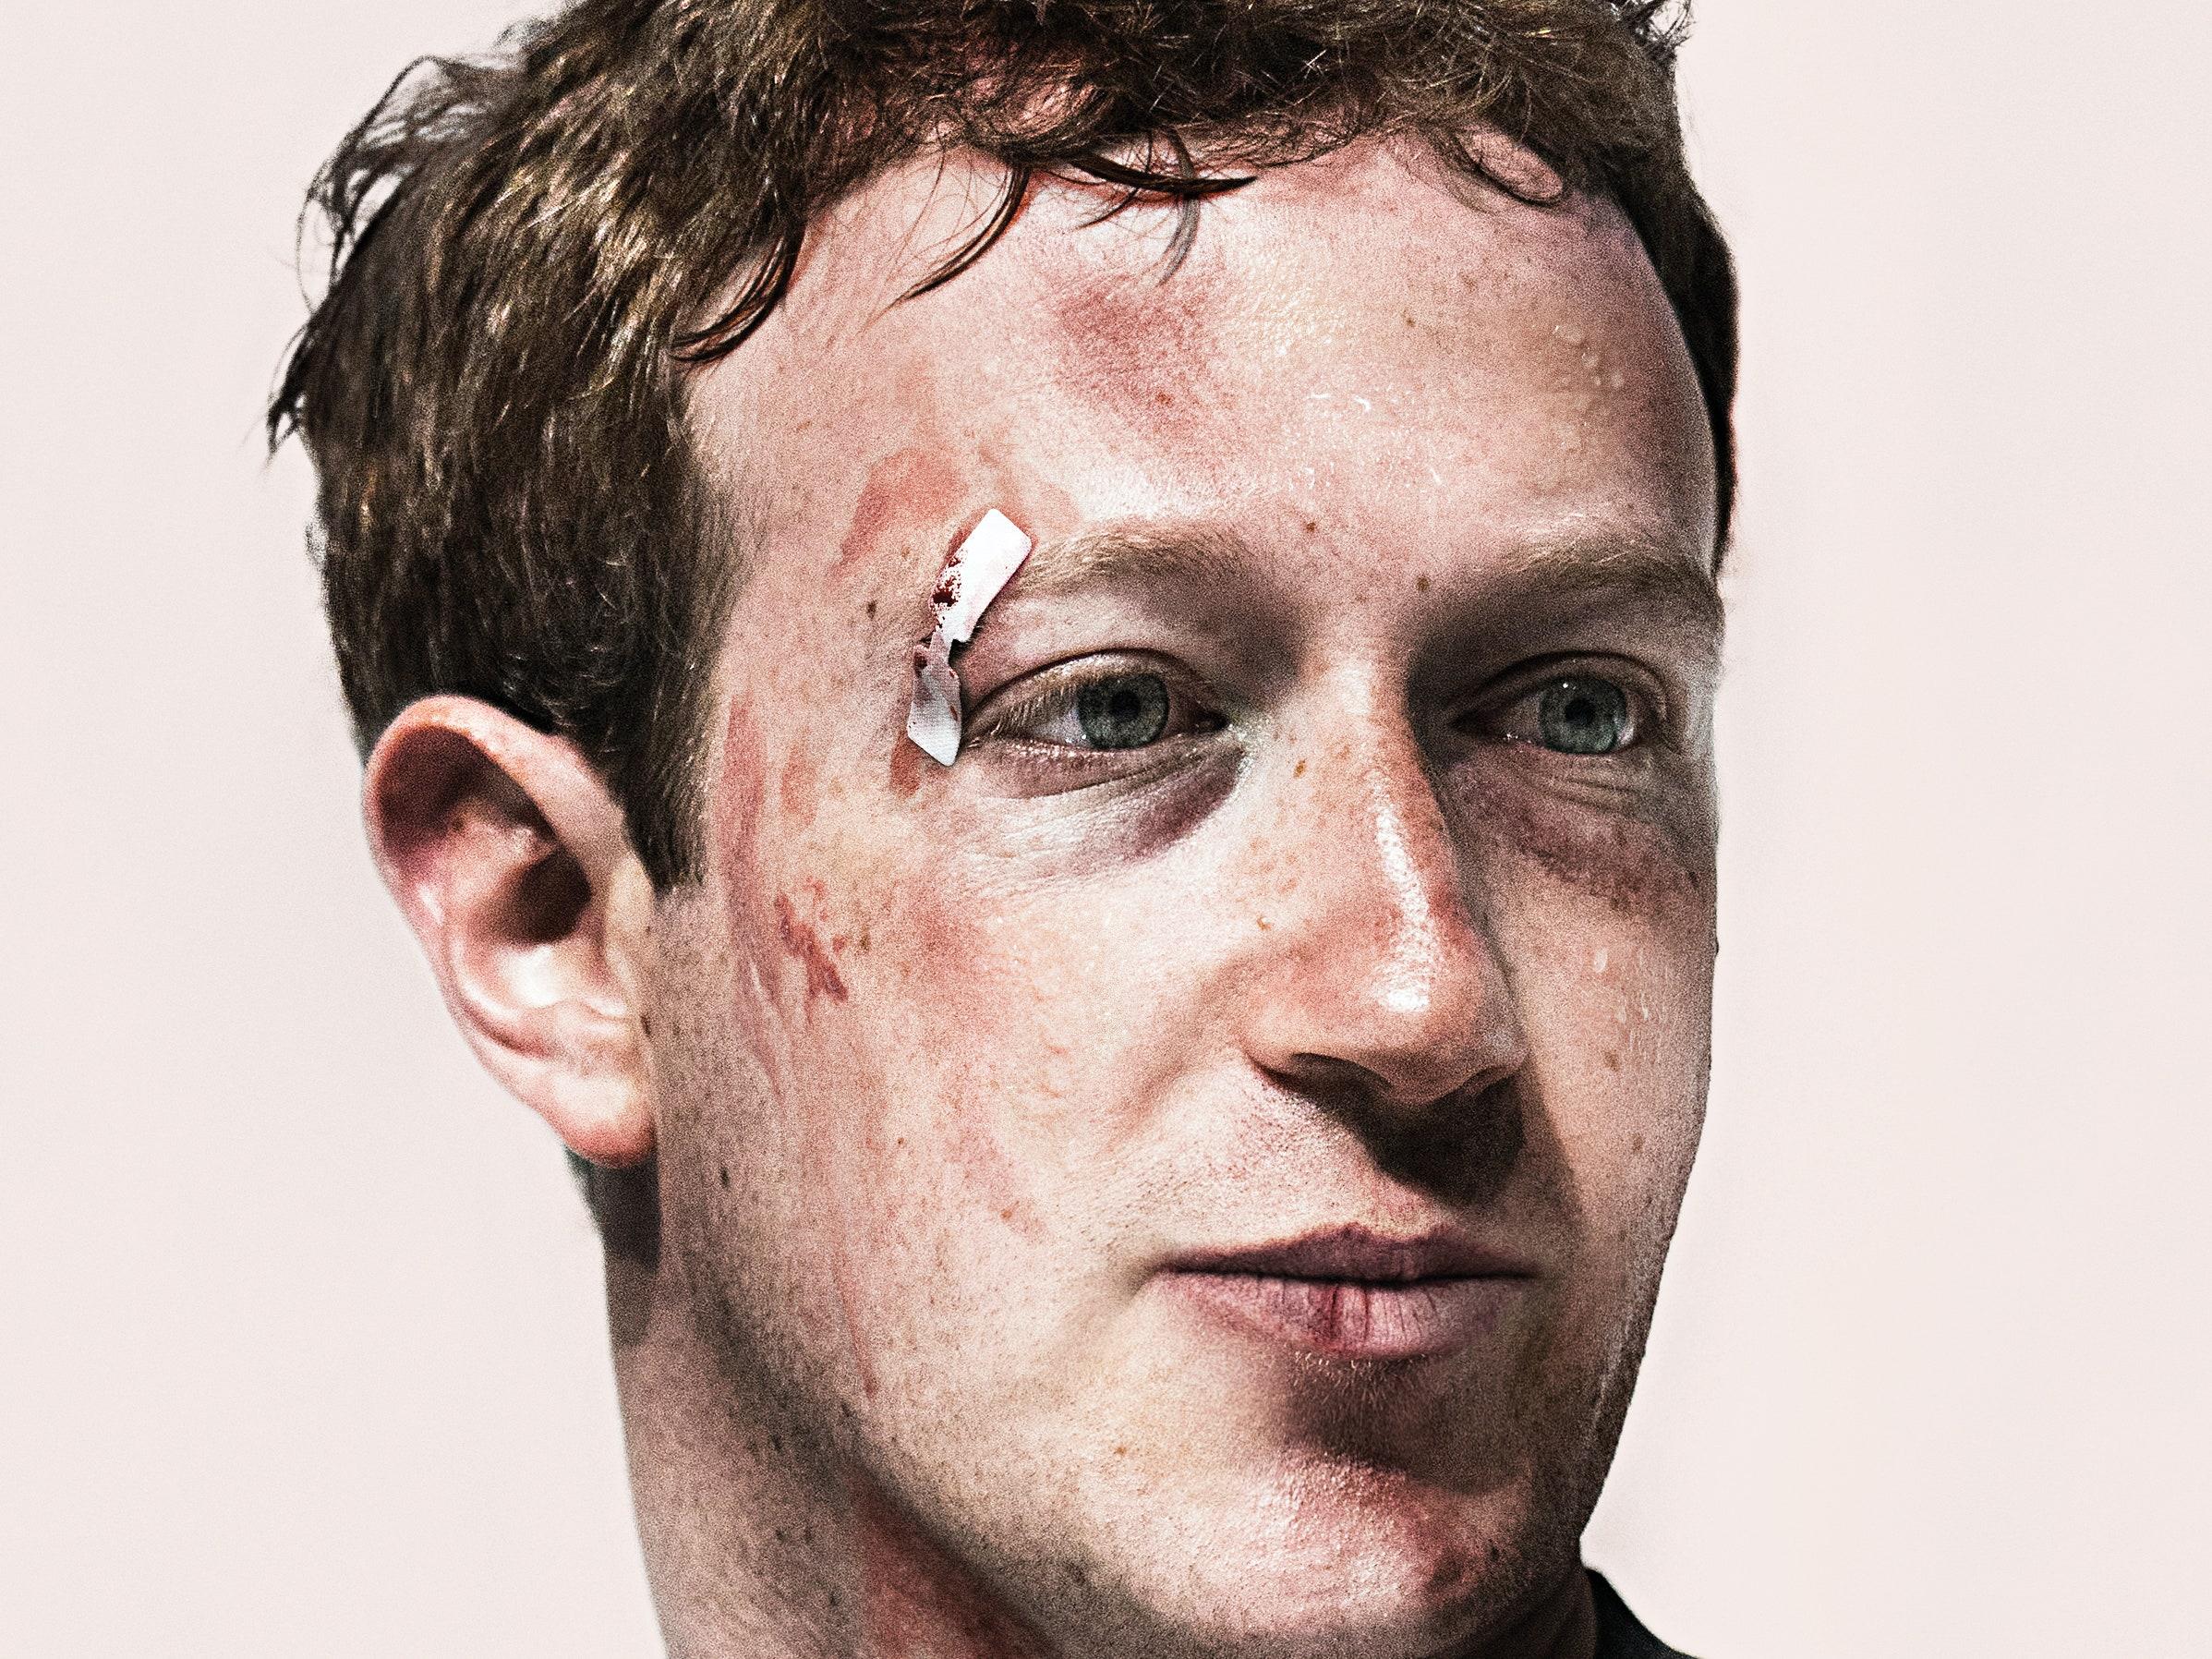 Бренды массово бойкотируют рекламу вFacebook